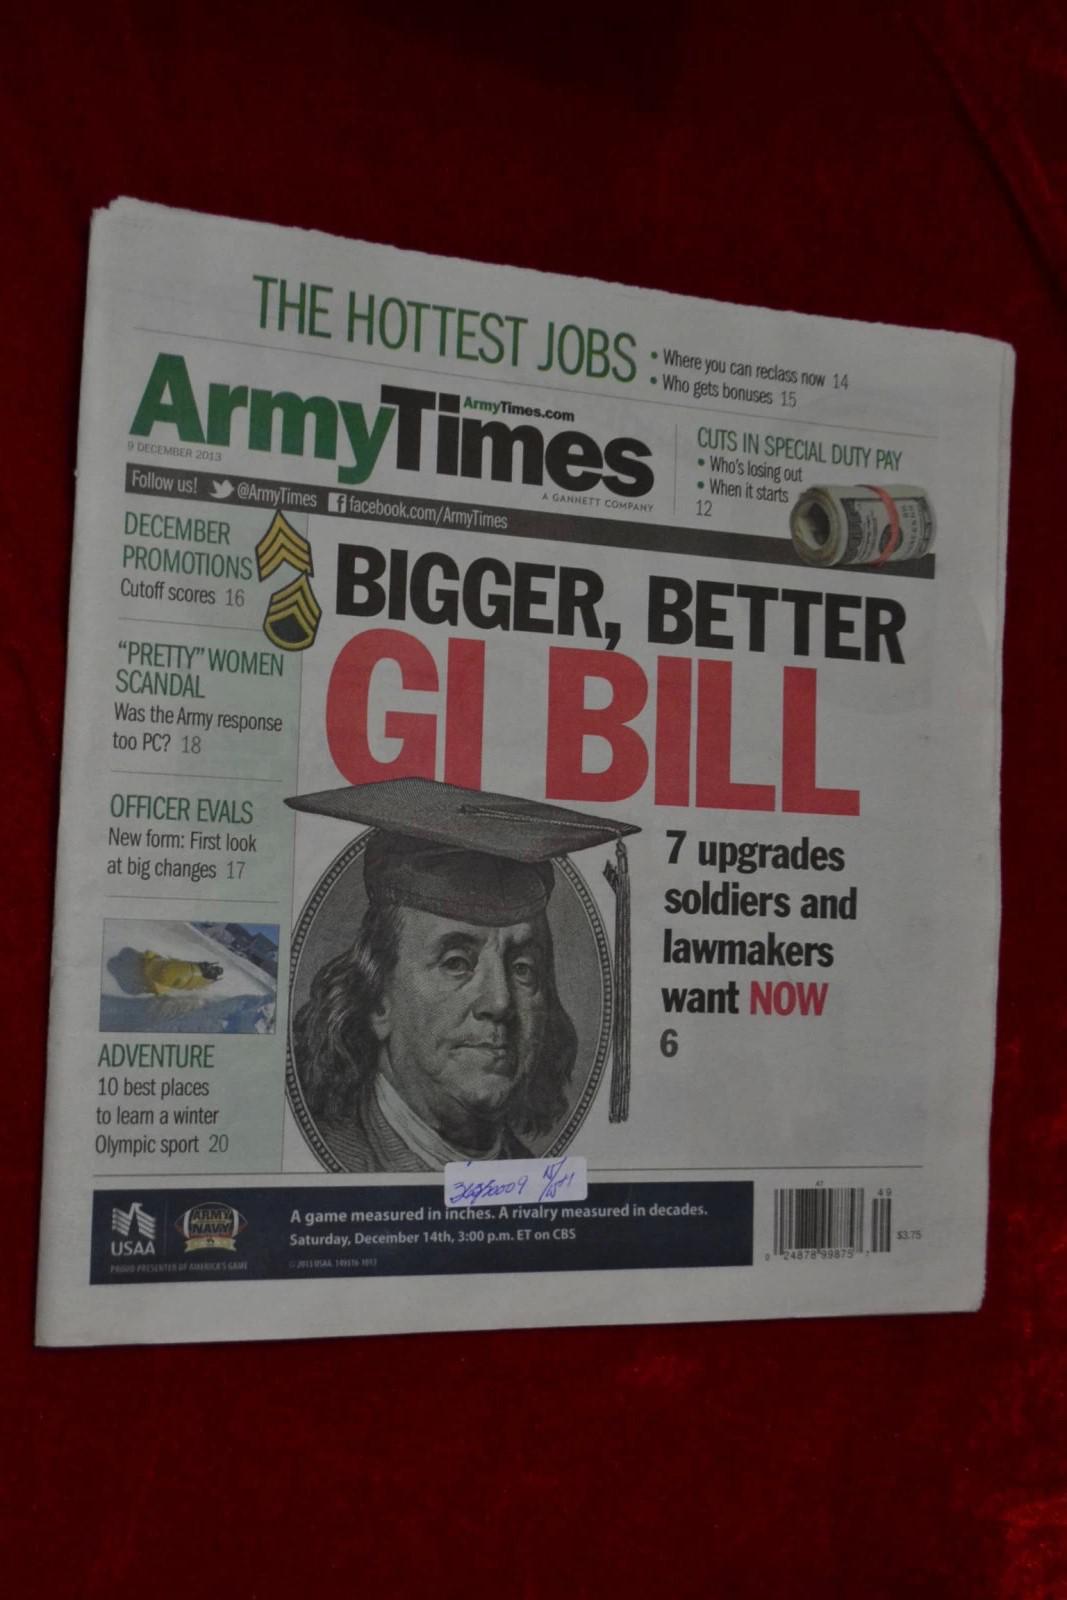 WWW_ARMYTIMES_COM_army times 陆军时报 2013/12/09 军事报 军事报纸